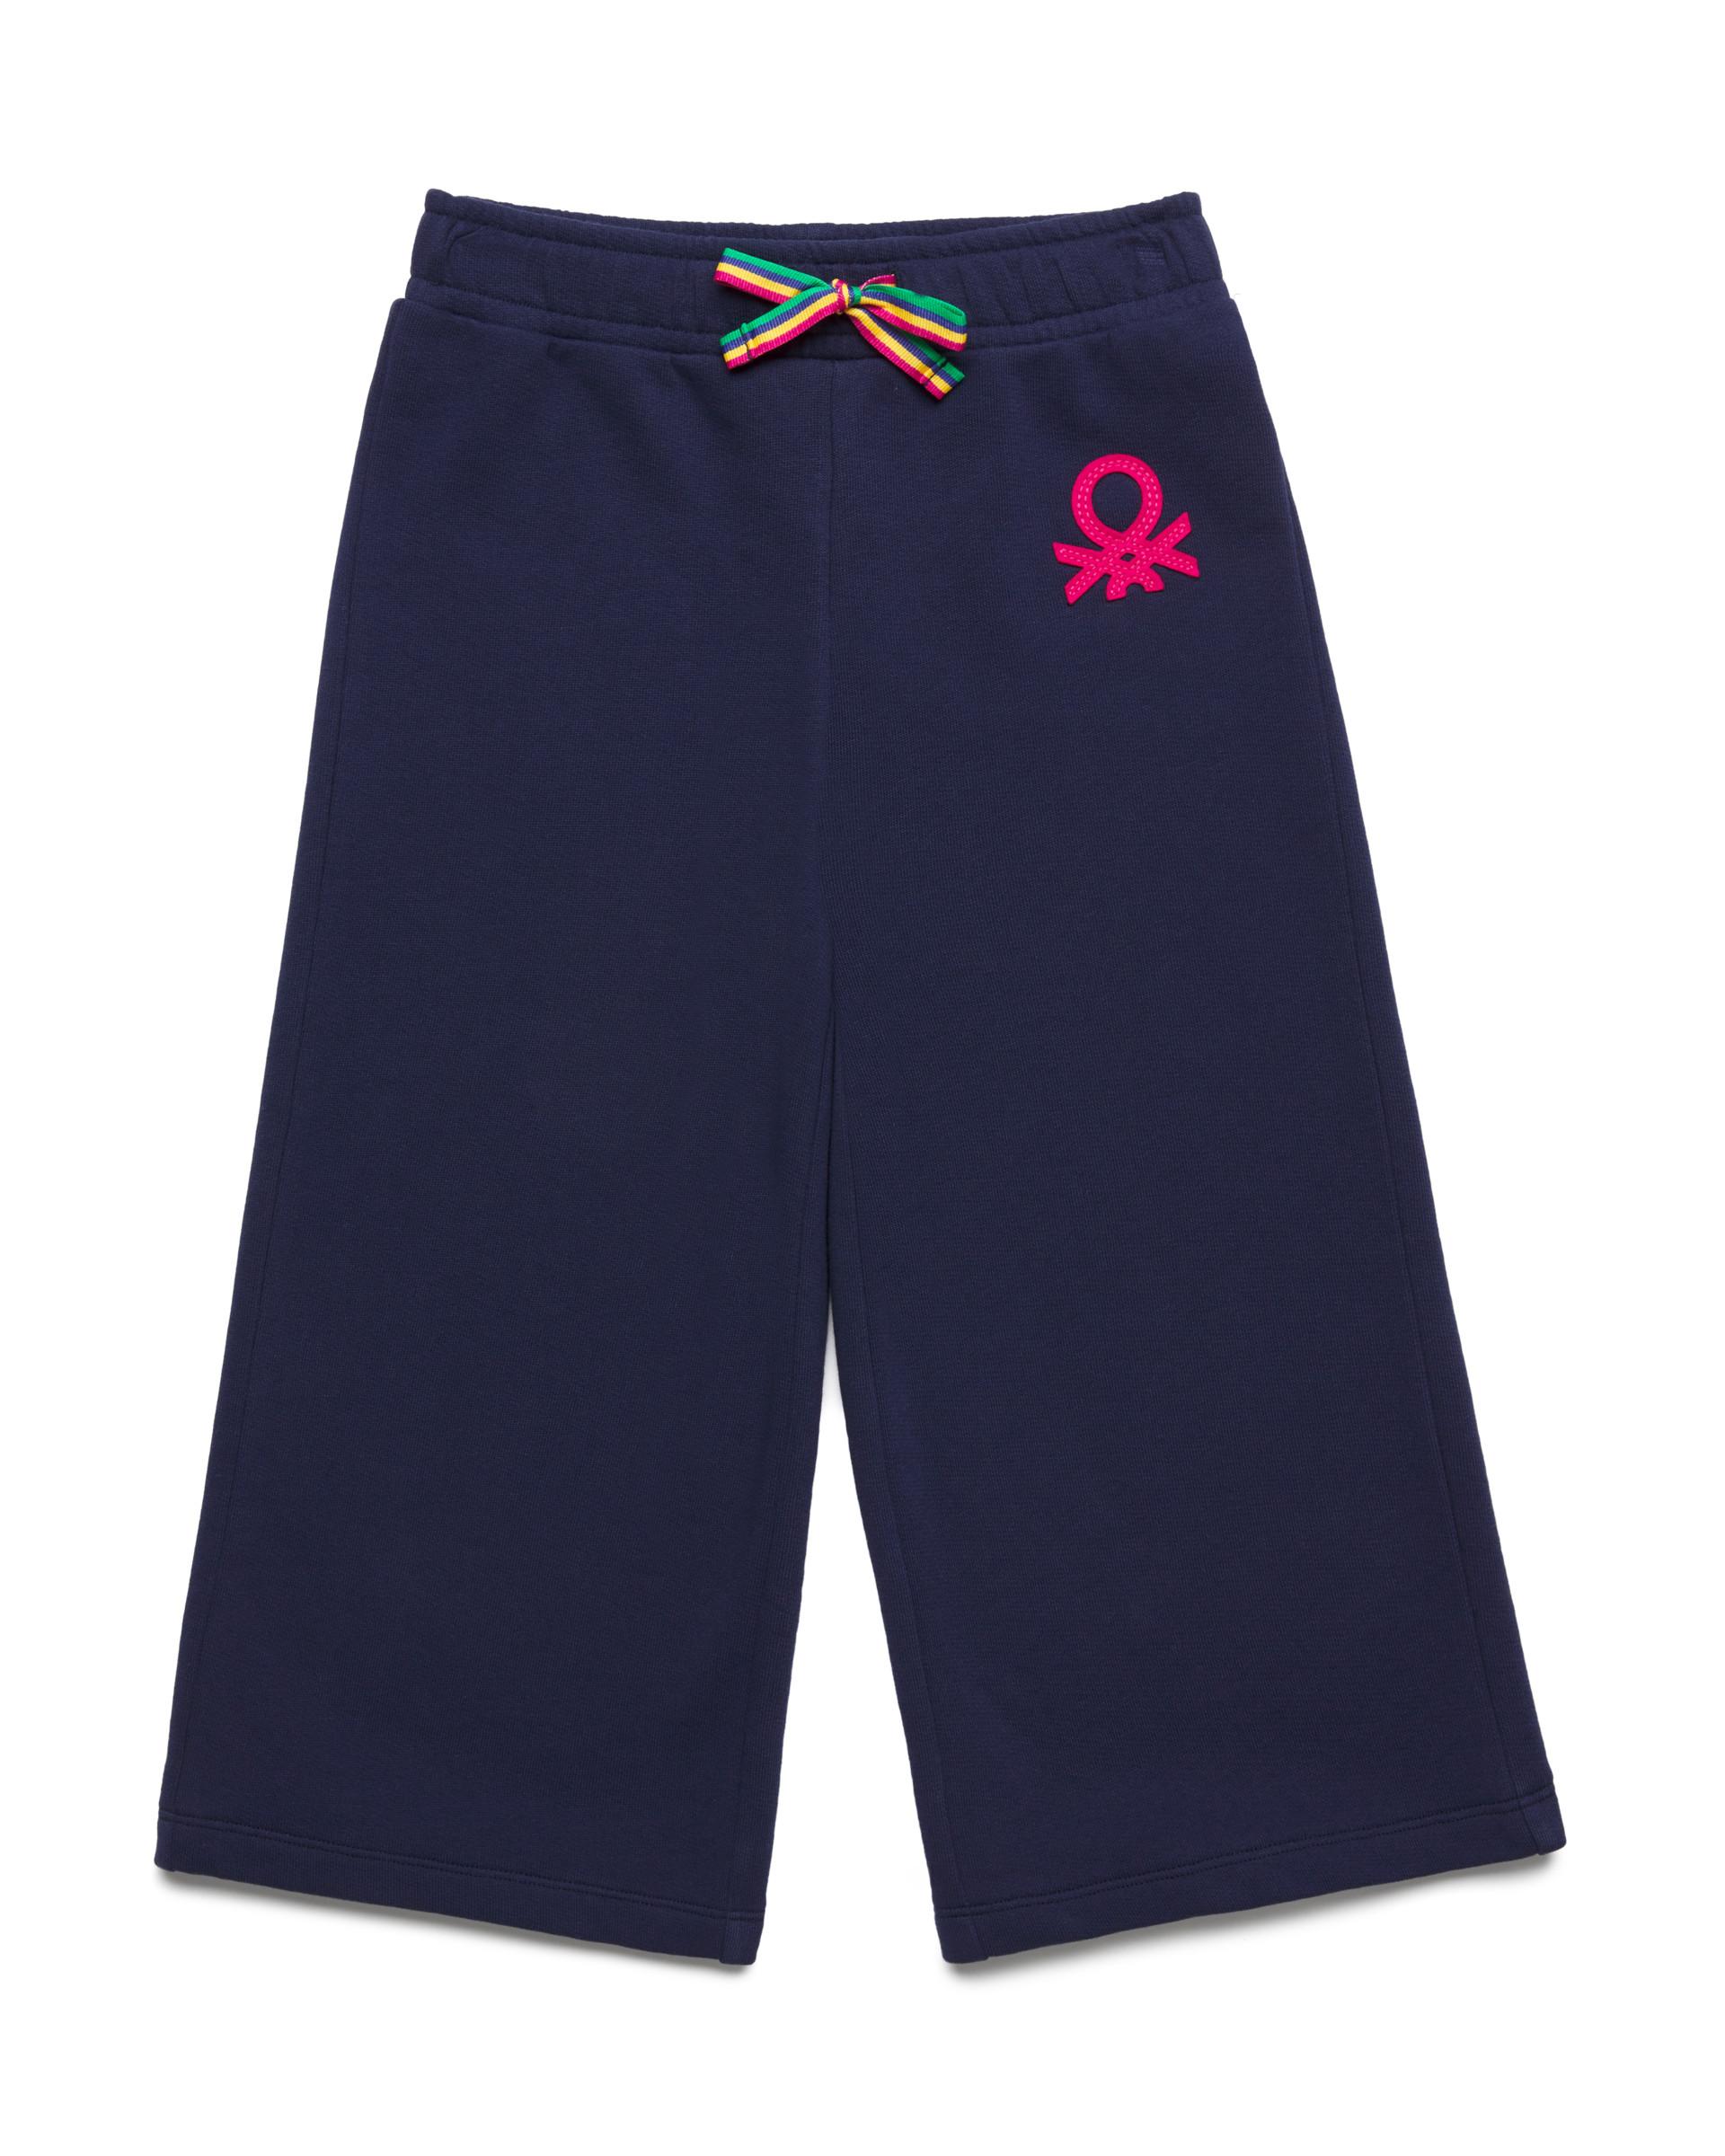 Купить 20P_3J68I0982_252, Спортивные брюки-кюлоты 3/4 для девочек Benetton 3J68I0982_252 р-р 110, United Colors of Benetton, Брюки для девочек